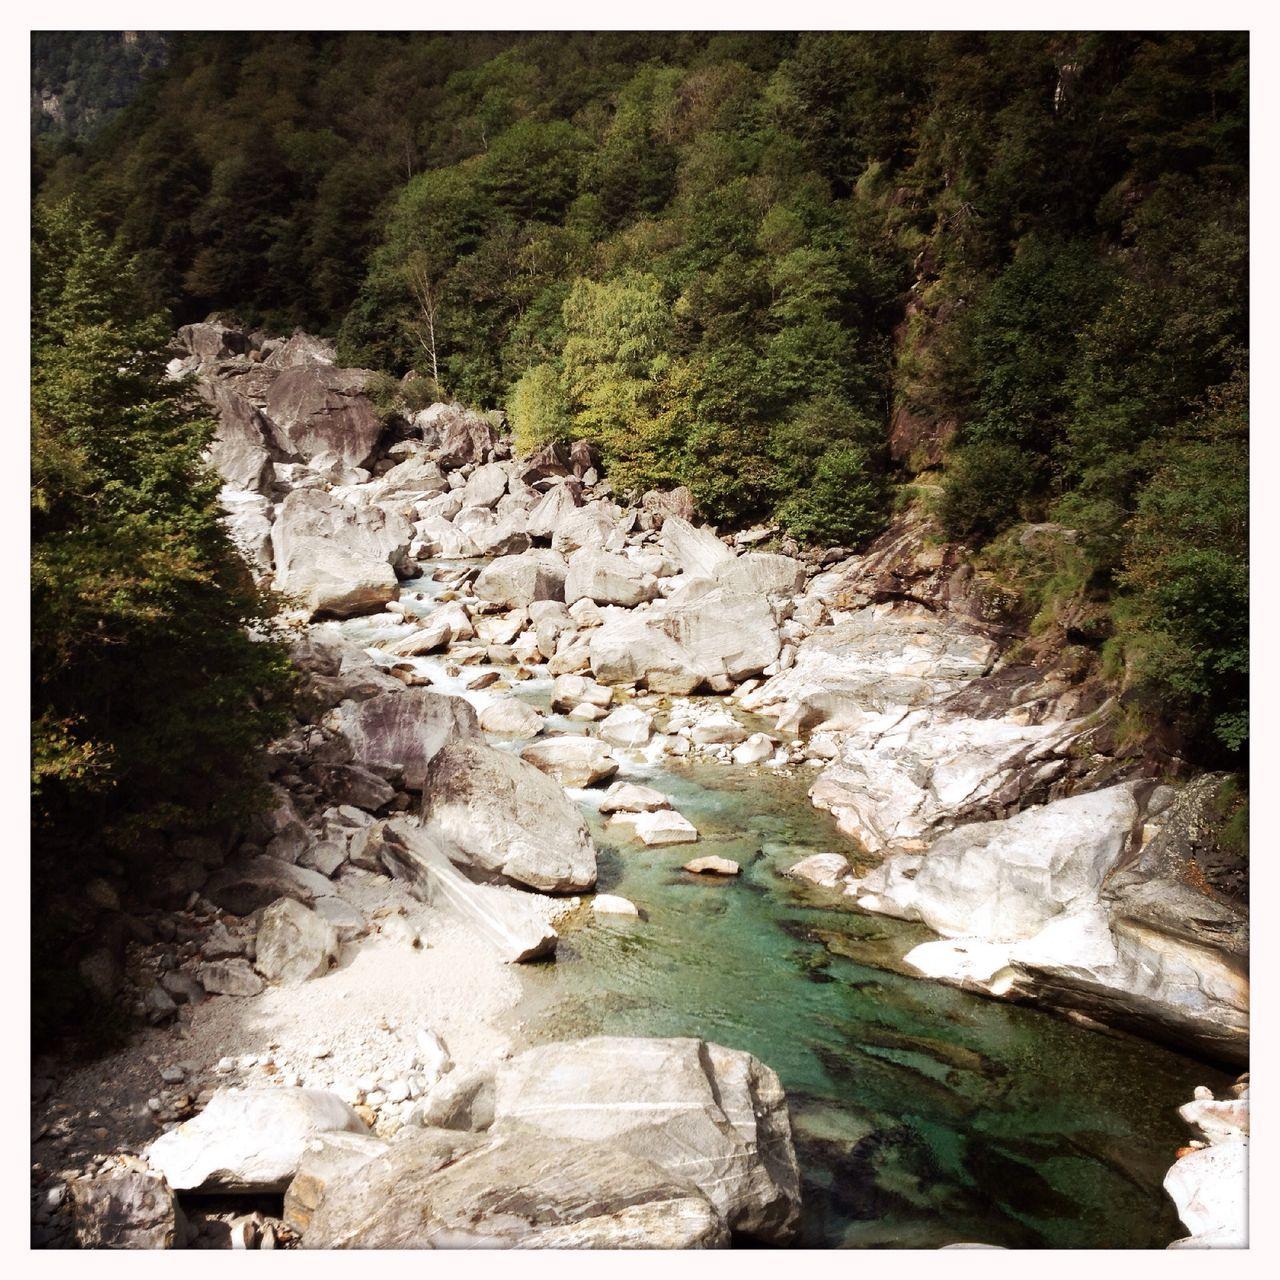 The valley Valle Verzasca in the canton Ticino, Switzerland Ticino Valverzasca Alps Mountains